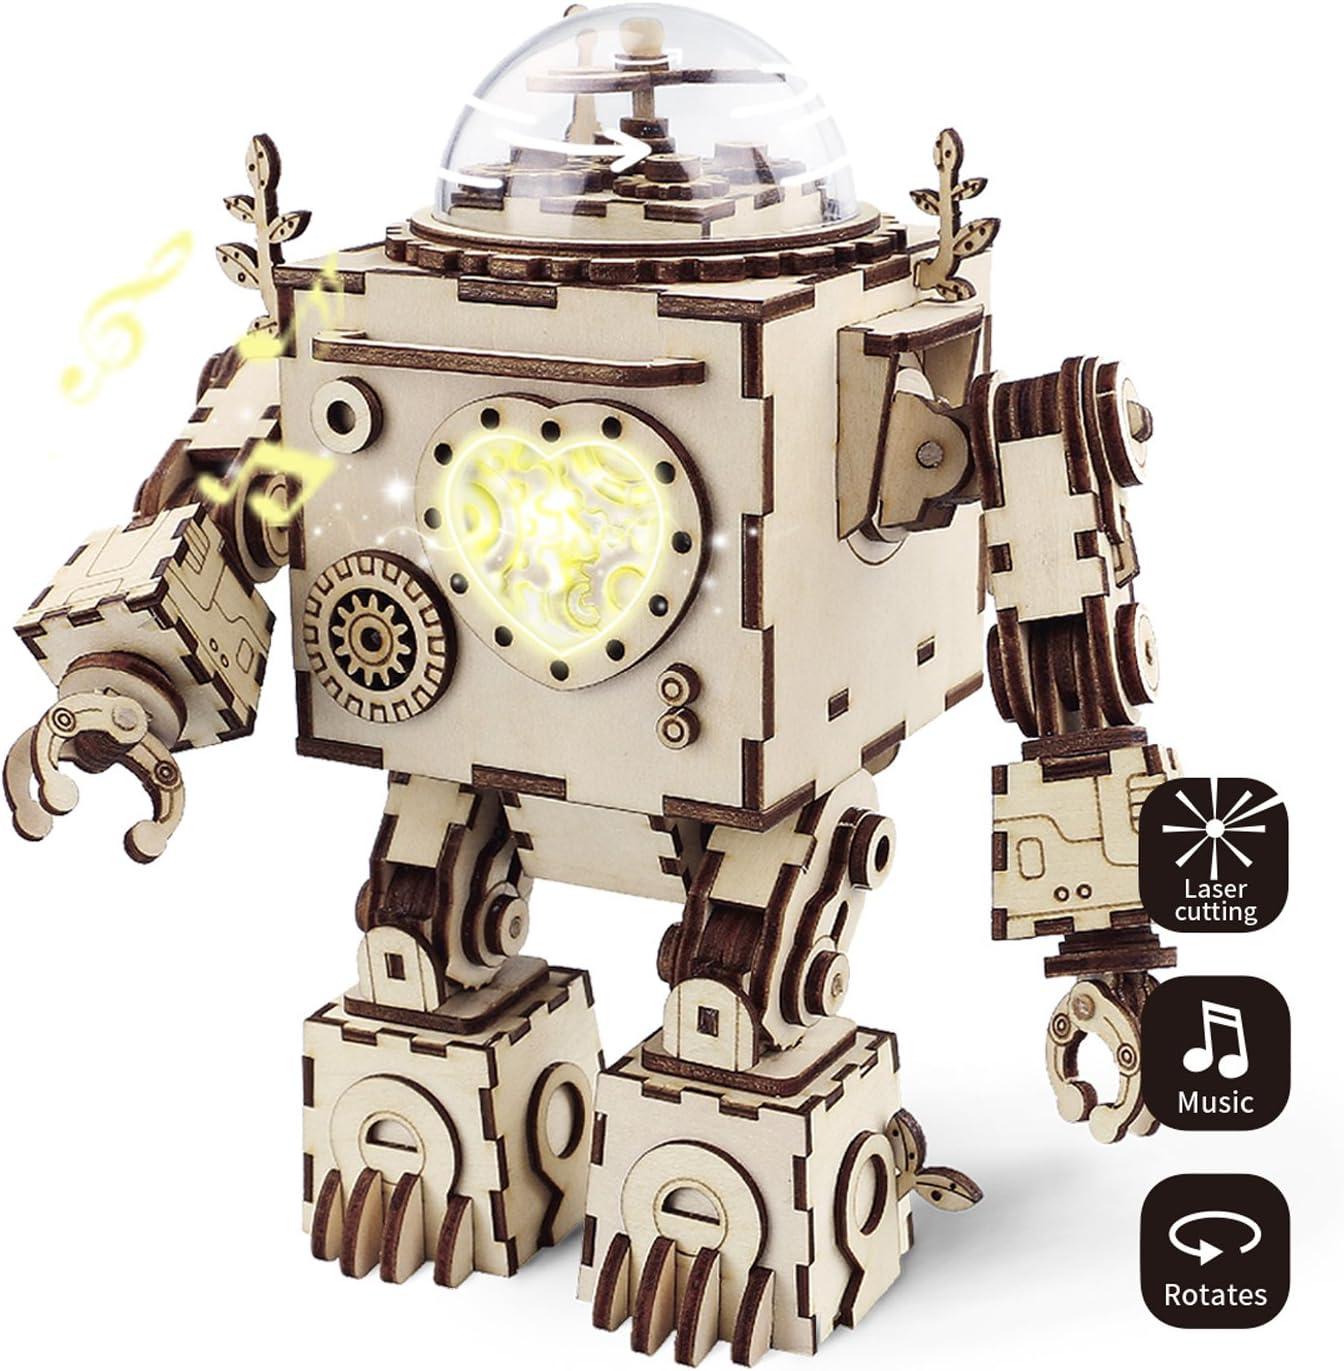 de Construction Jouets de pour 8 Ans et Plus Robotime Casse-t/ête en Bois d/écoup/é au Laser mod/èles Kits DIY Music Box Creative Birthday Cadeaux de No/ël